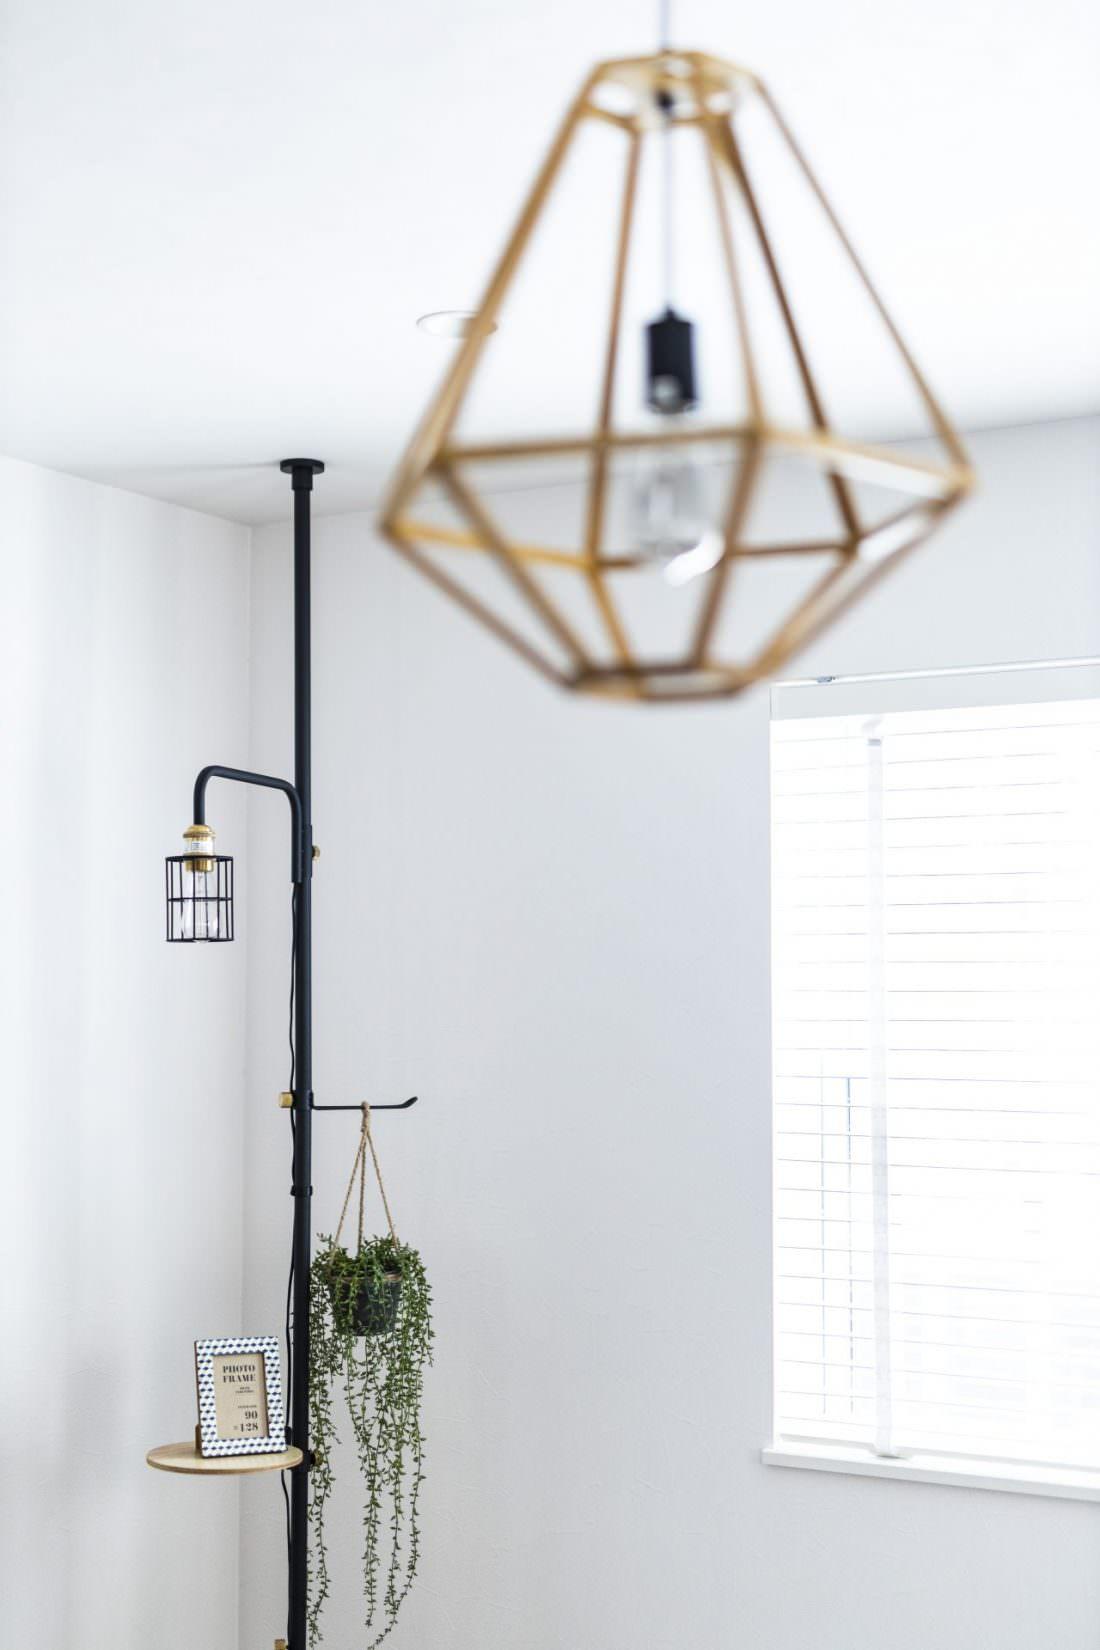 鳥かごをモチーフにした北欧デザインのウッドランプ